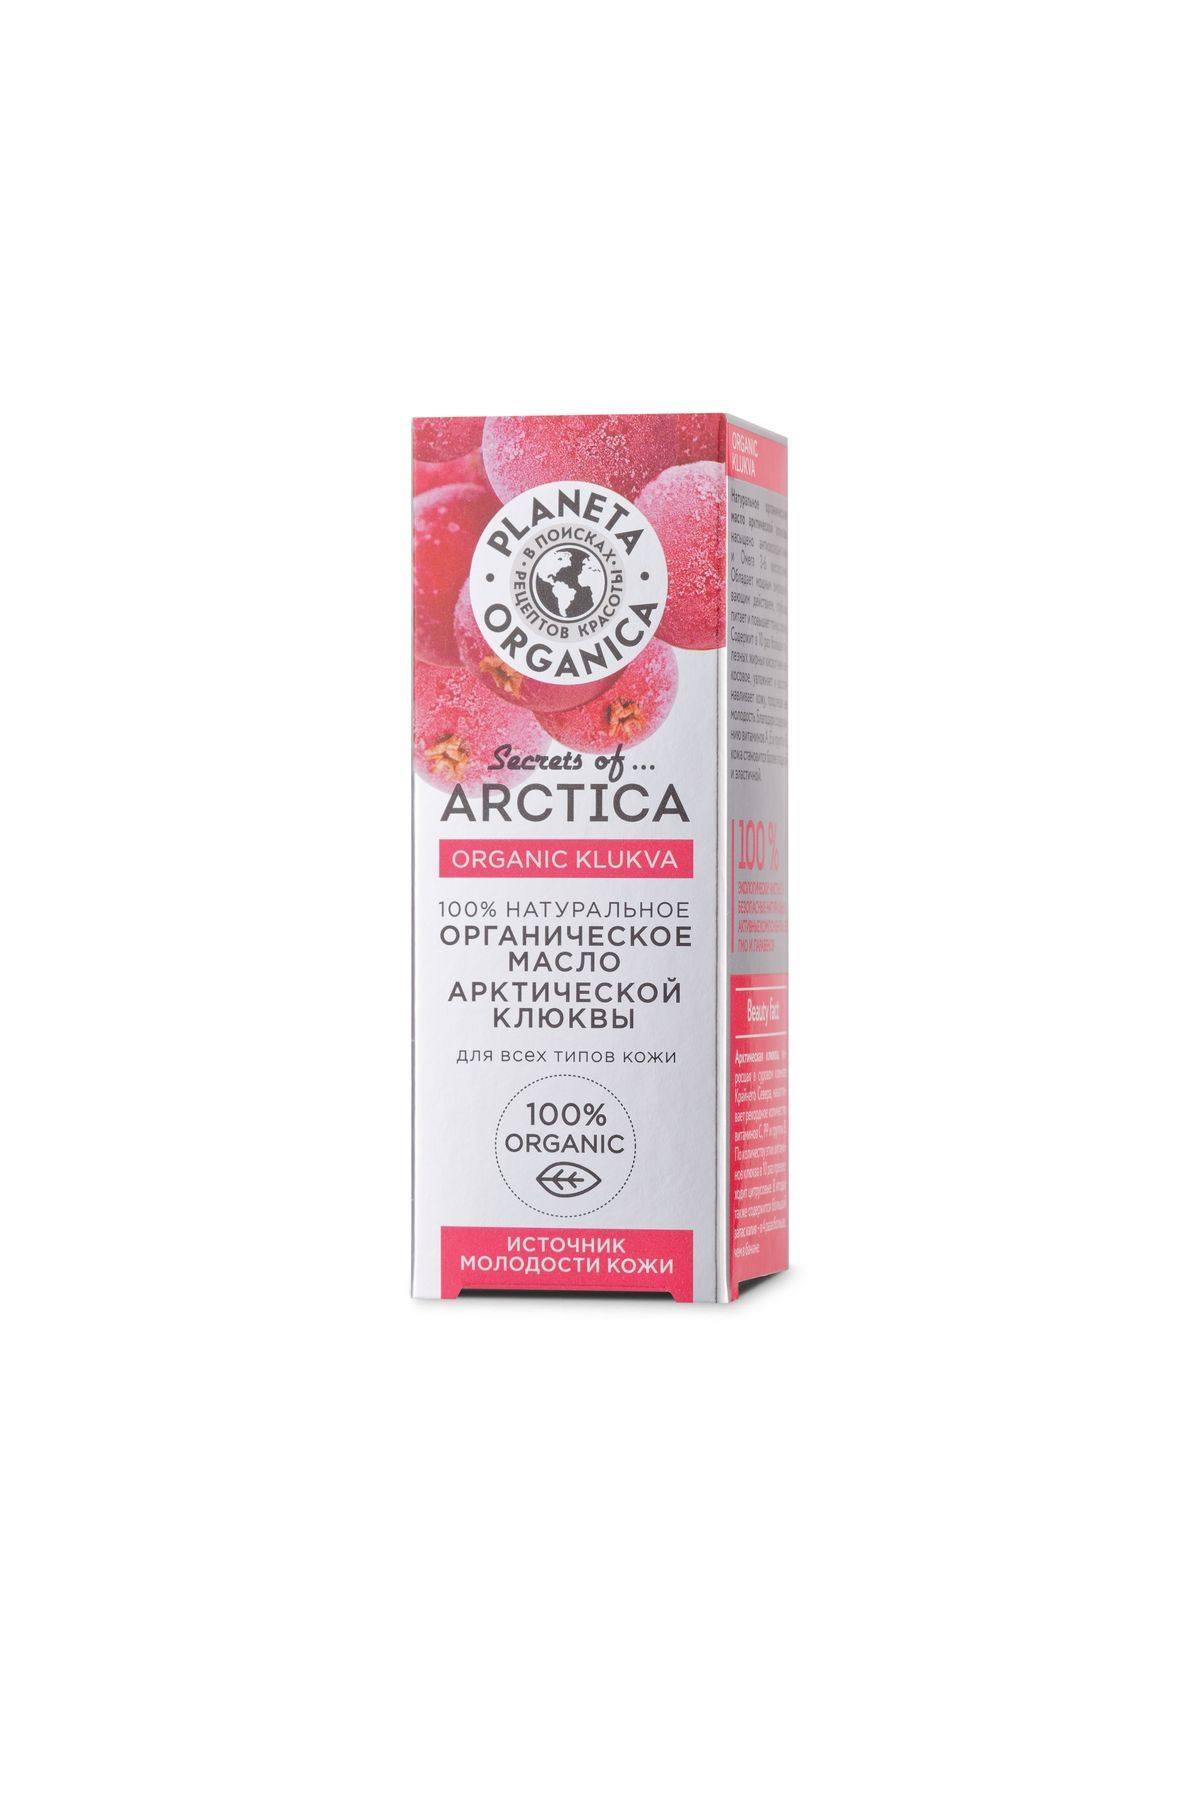 Planeta Organica Arctica 100% натуральное органическое масло арктической клюквы Источник молодости, 50 мл